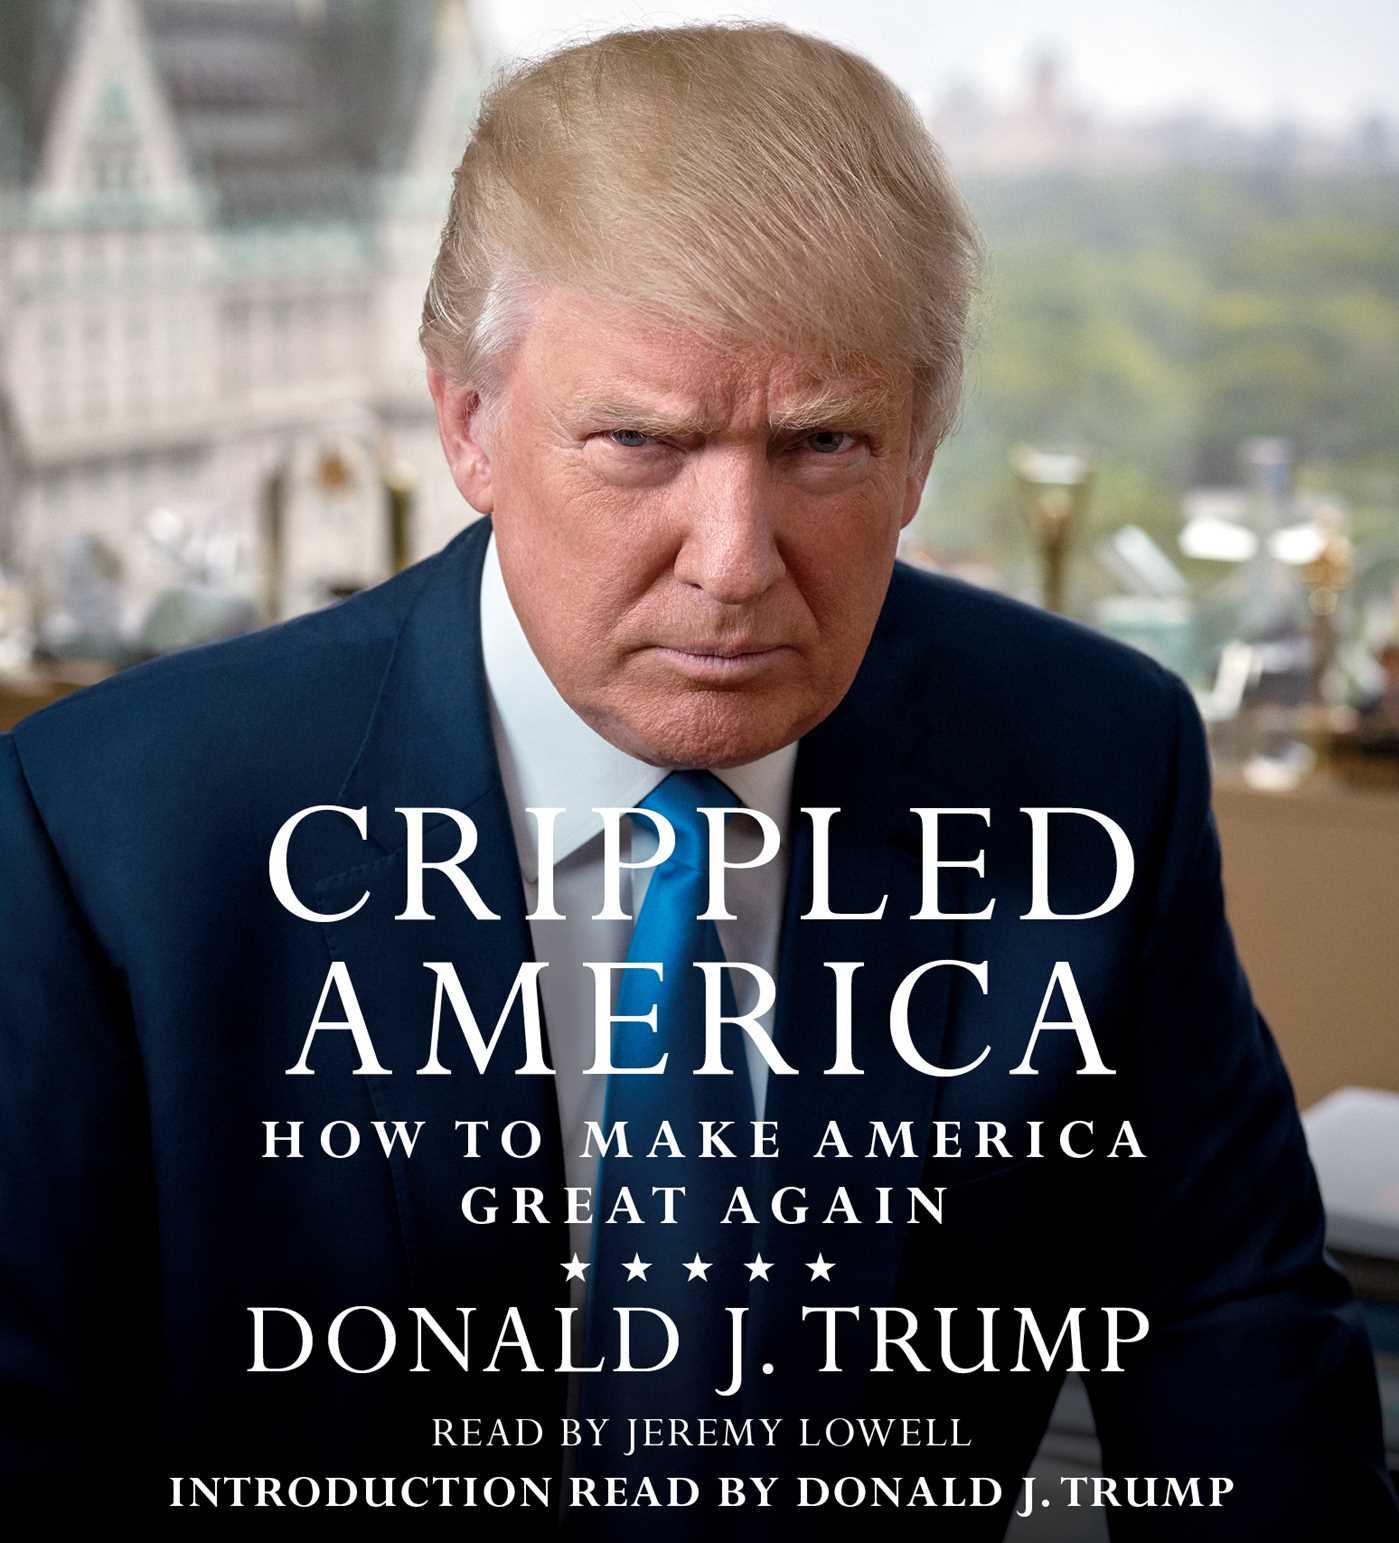 Crippled america 9781508212980 hr